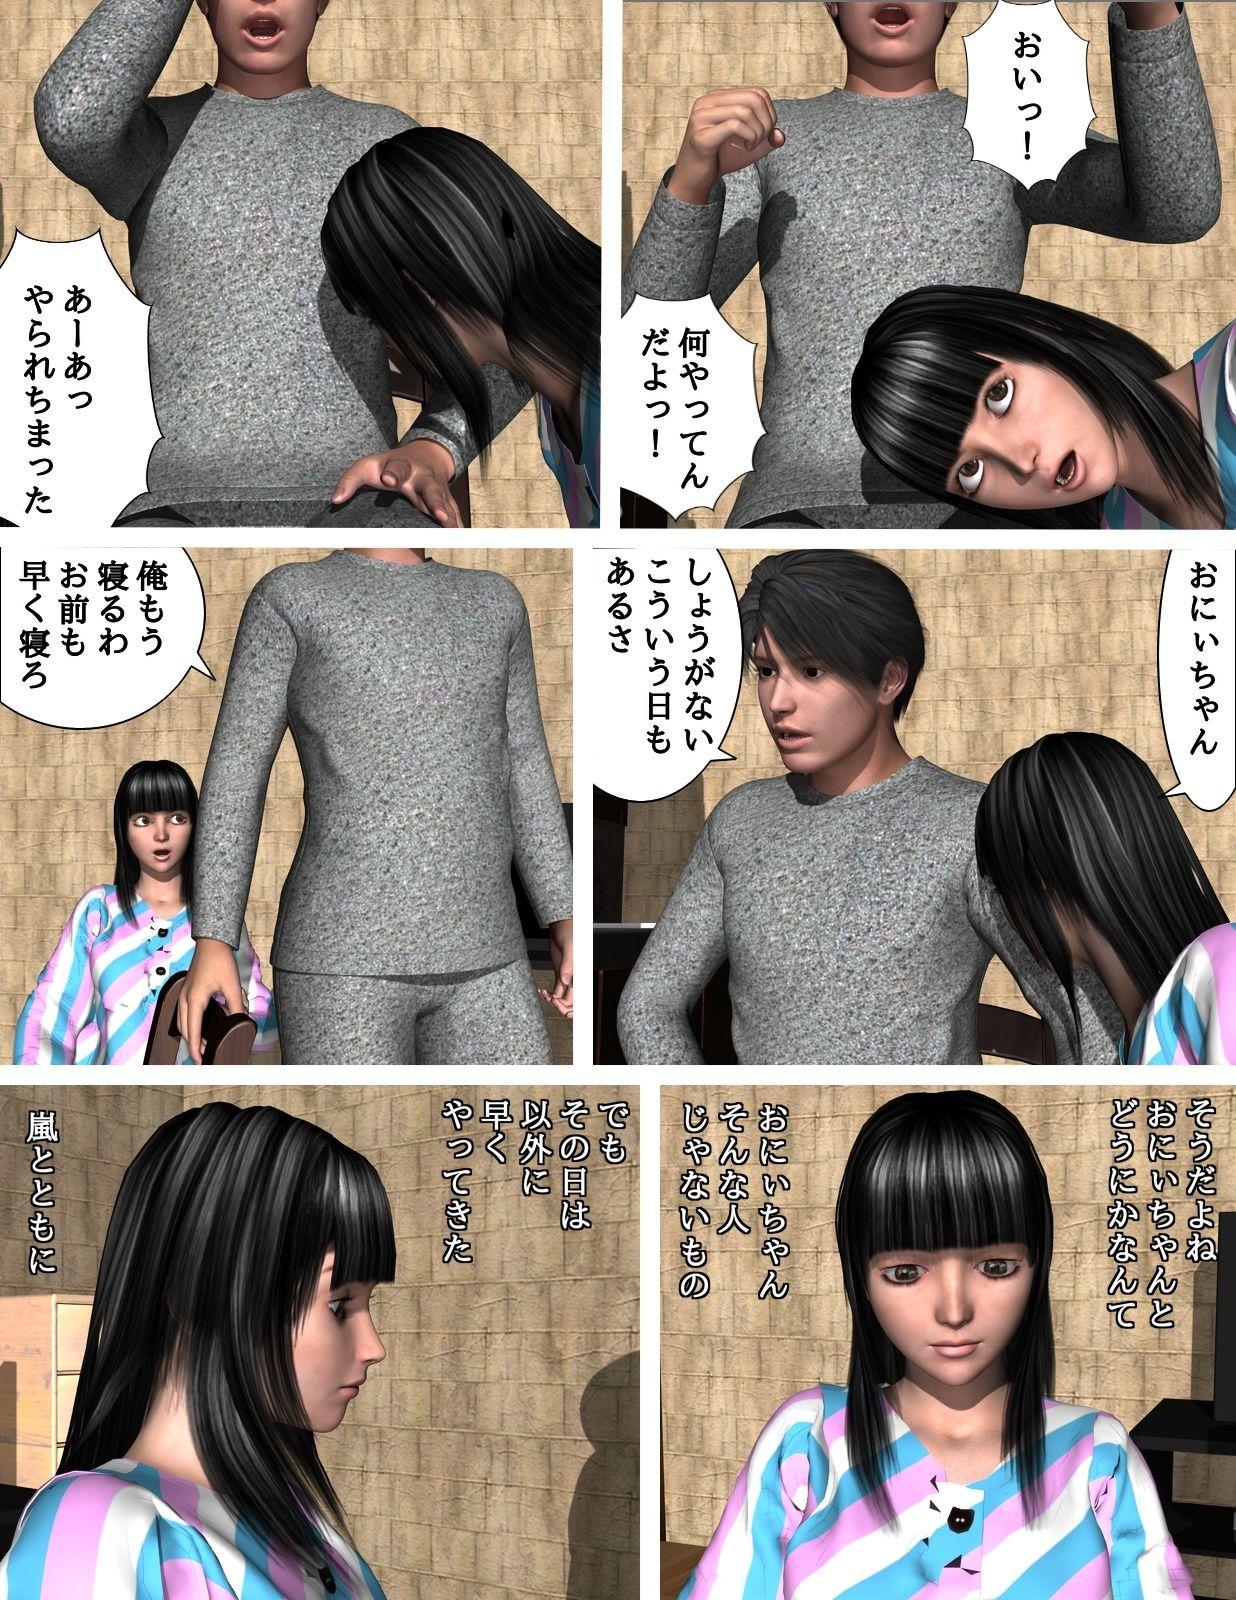 おにぃちゃんと・・・のサンプル画像5